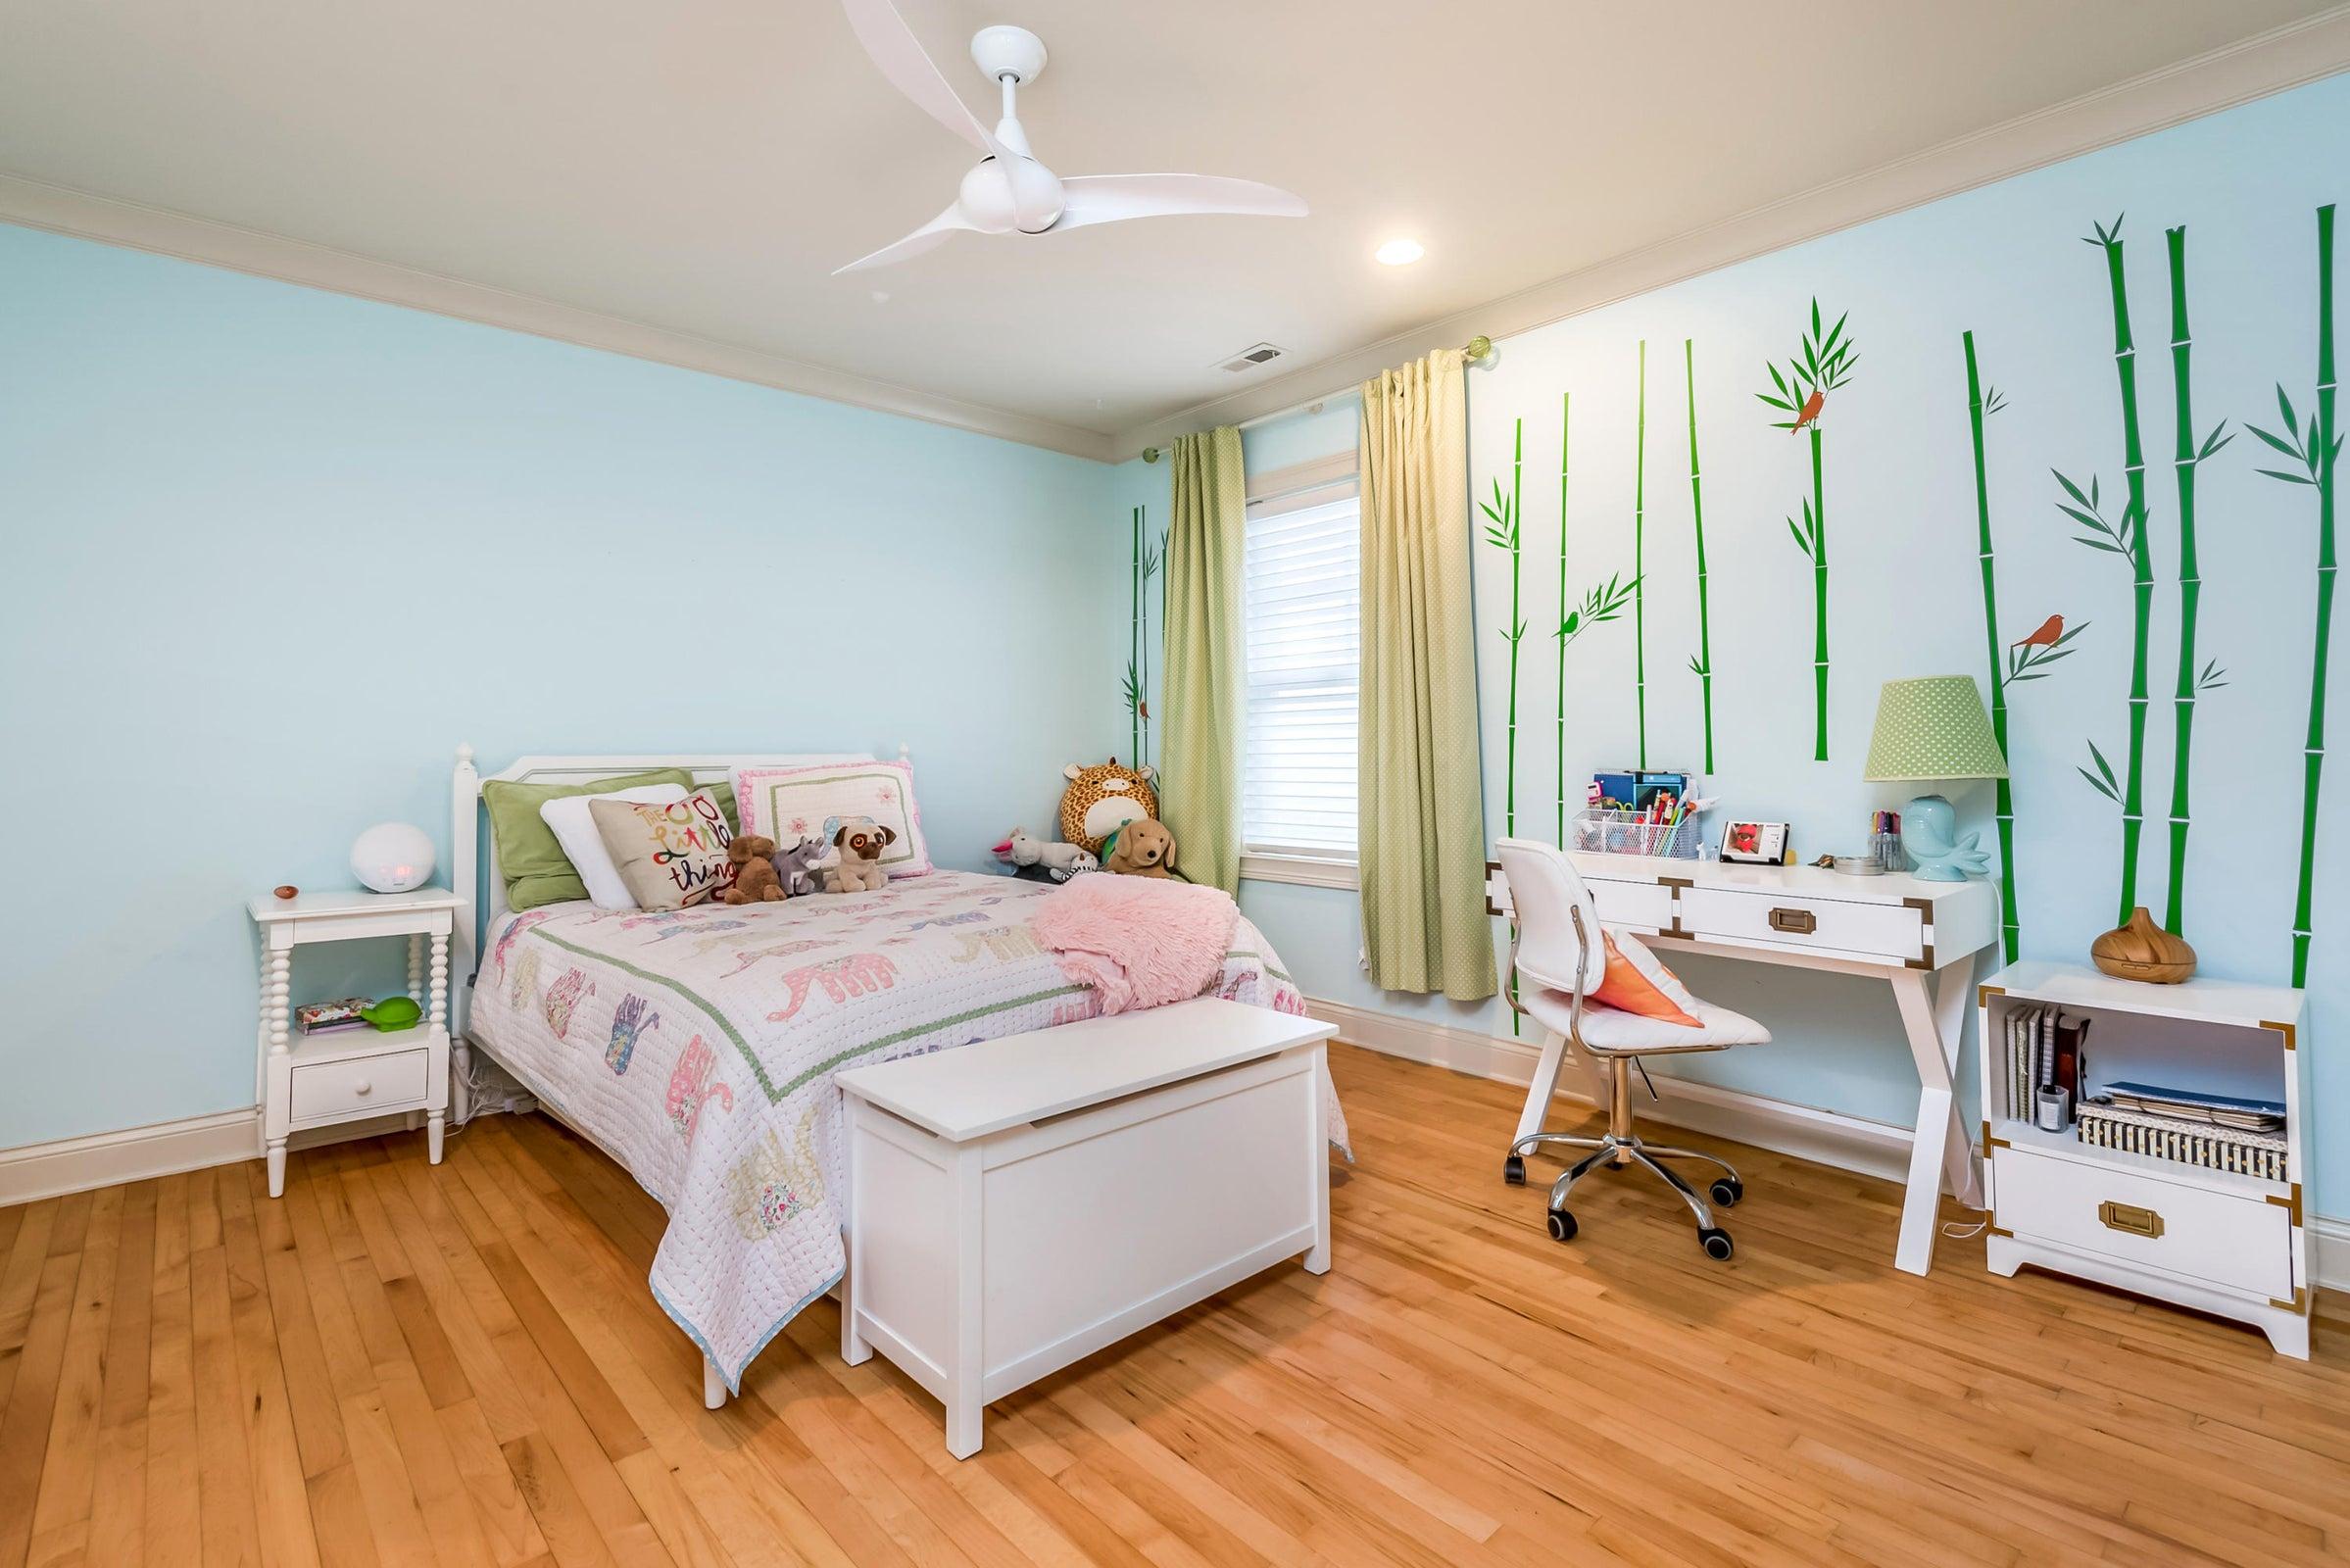 6612StoneMill-Bedroom 3